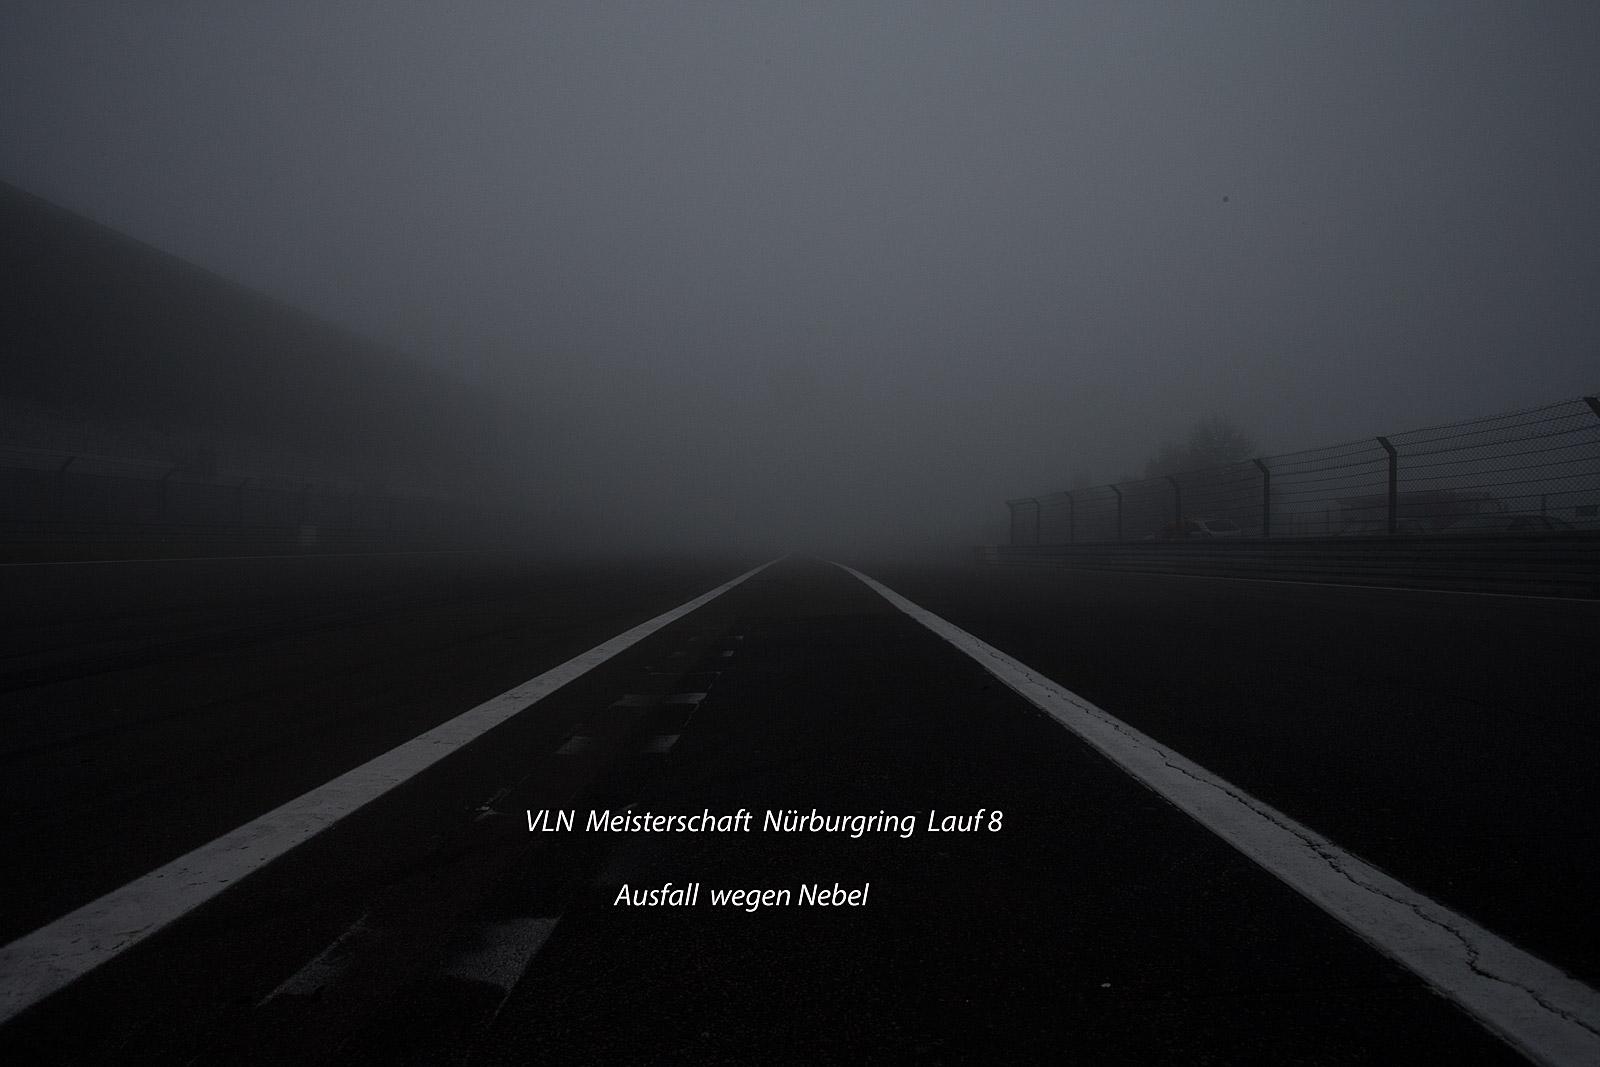 Ausfall wegen Nebel